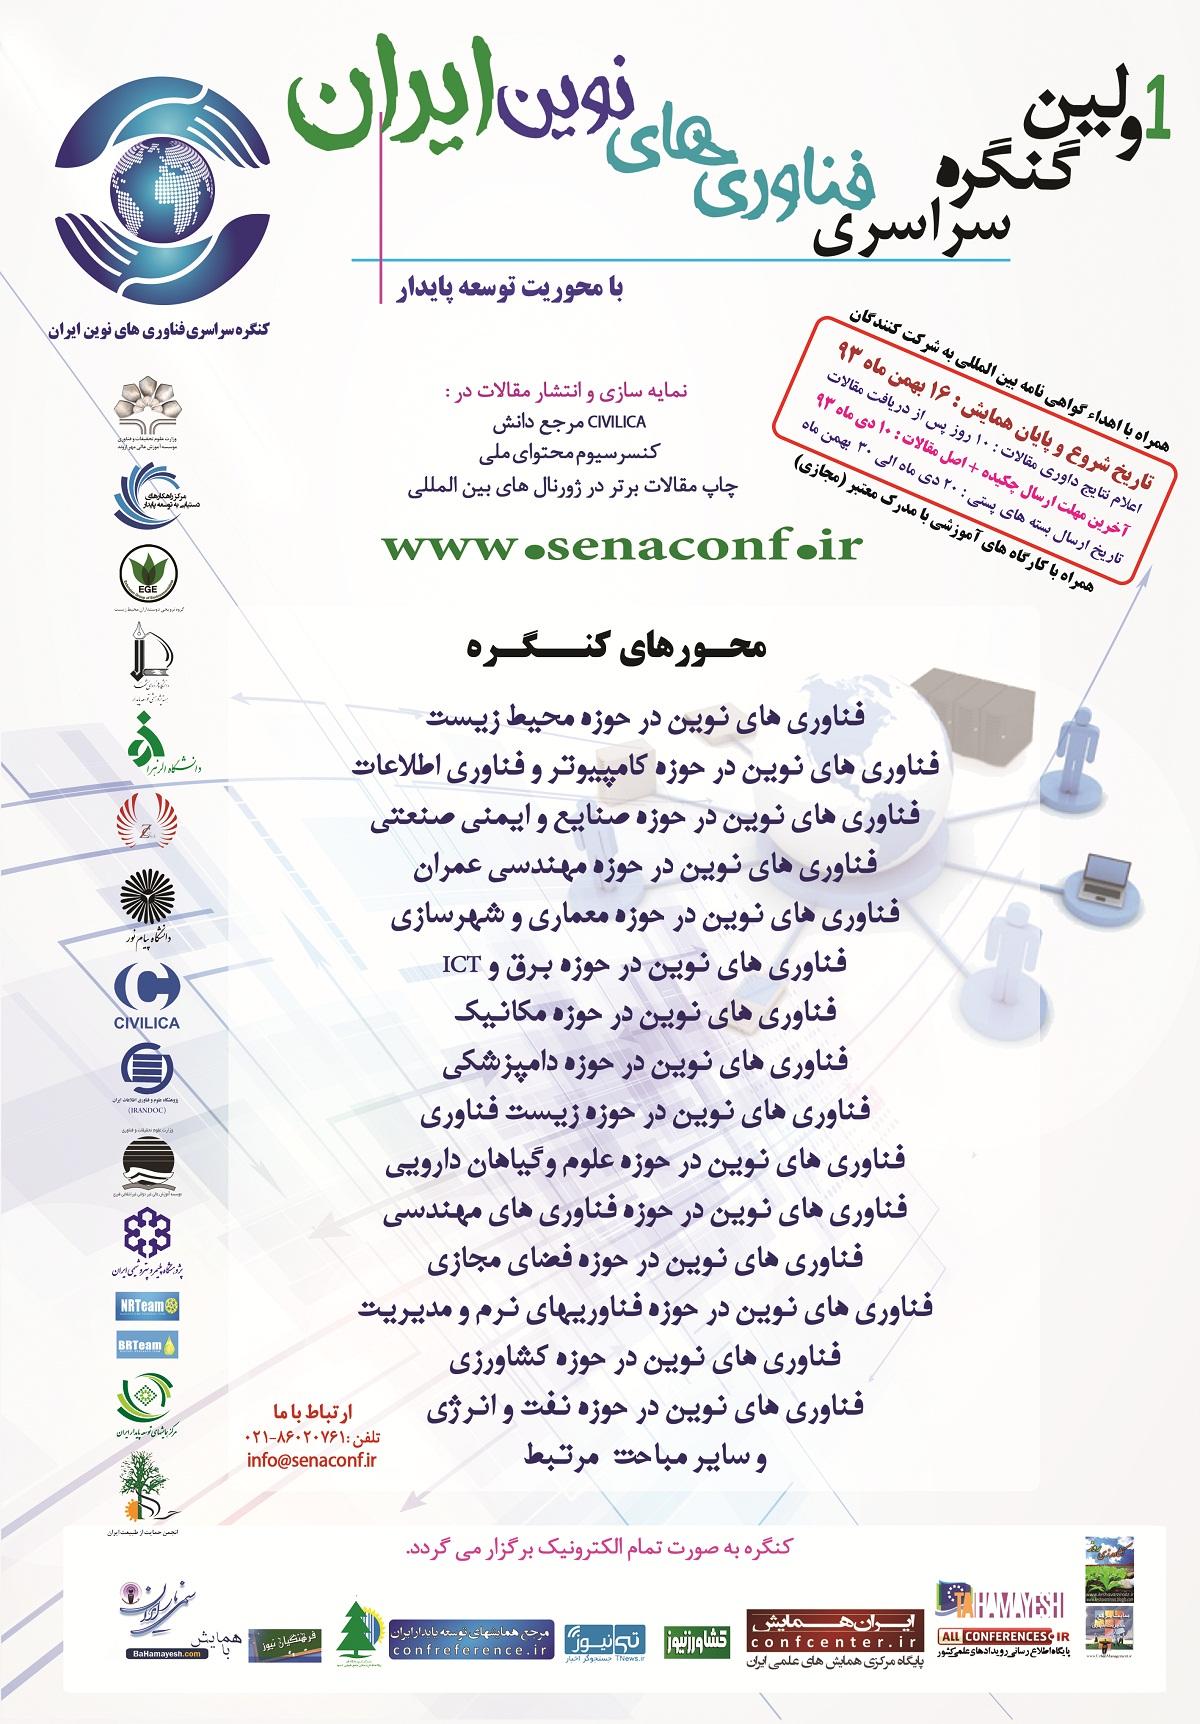 اولین کنگره سراسری فناوری های نوین ایران